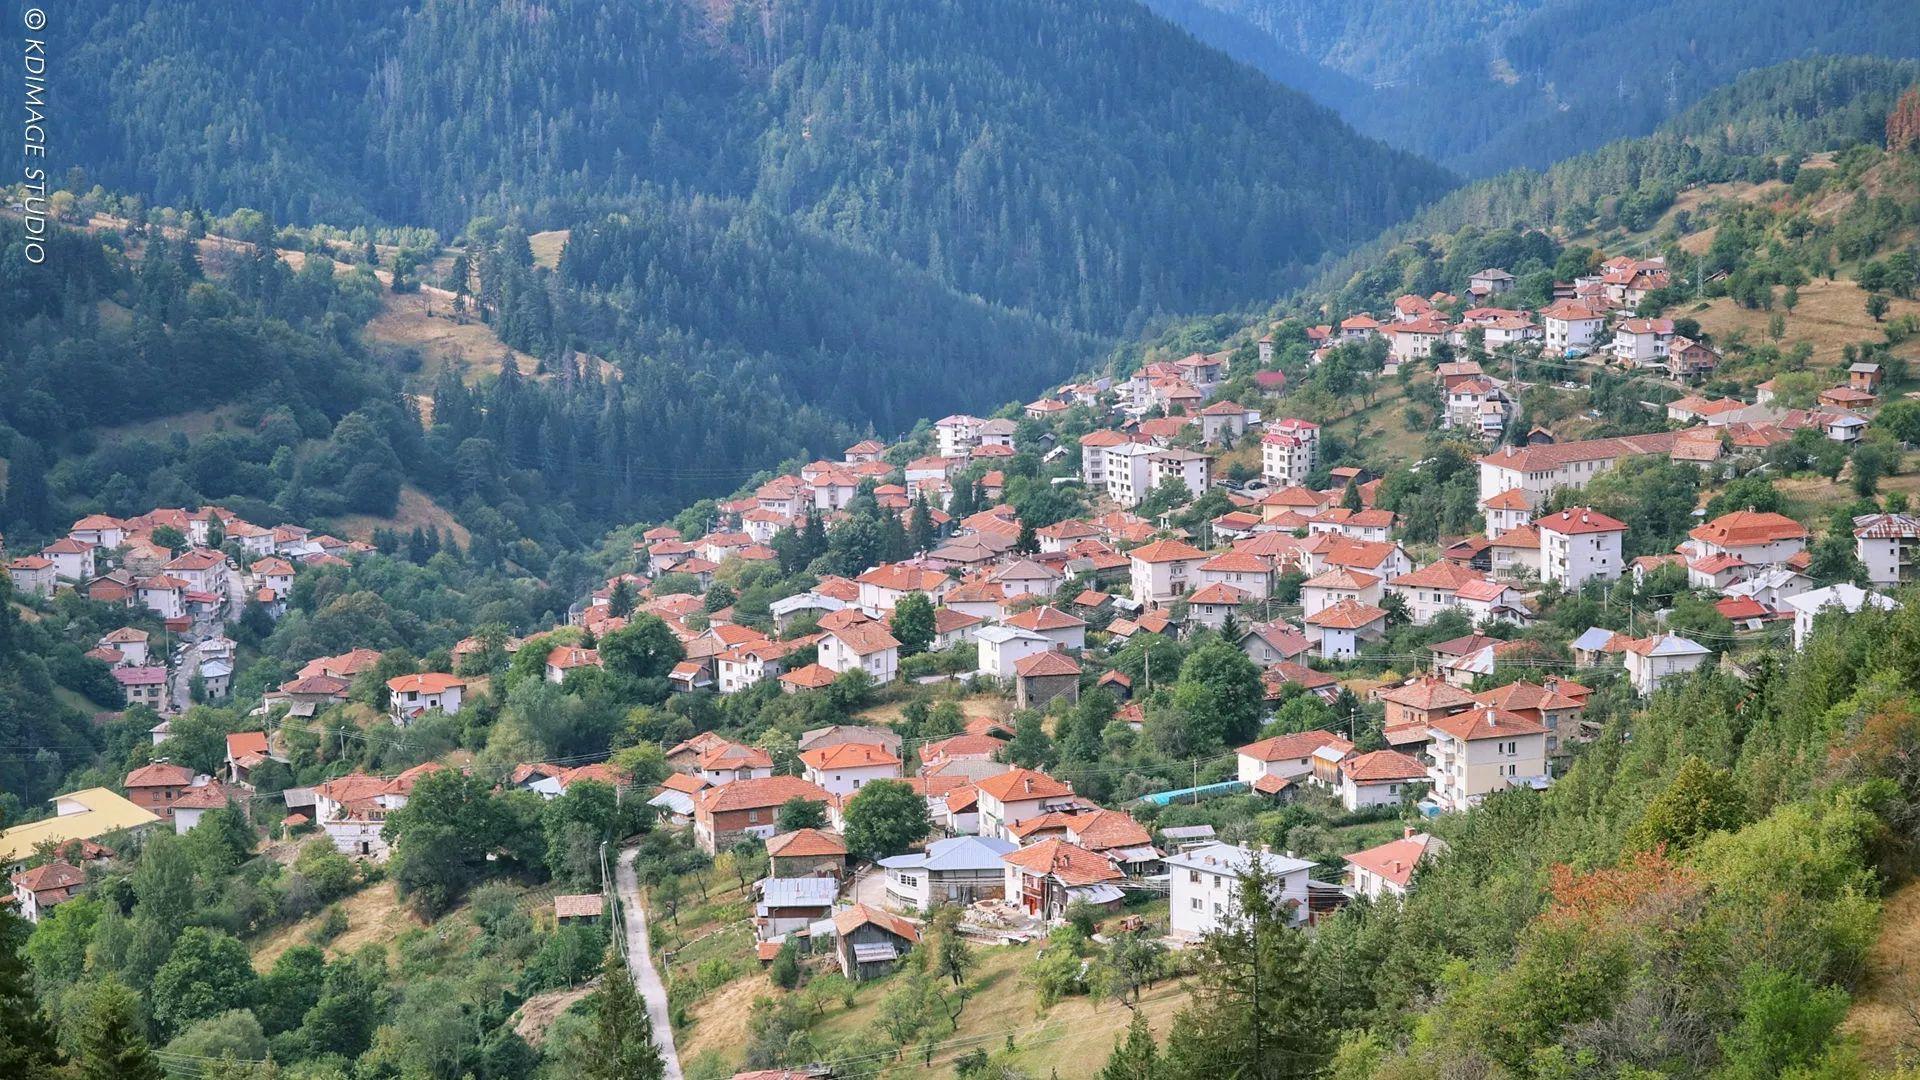 别只去英国法国了,欧洲还有个保加利亚,景美人美还便宜!